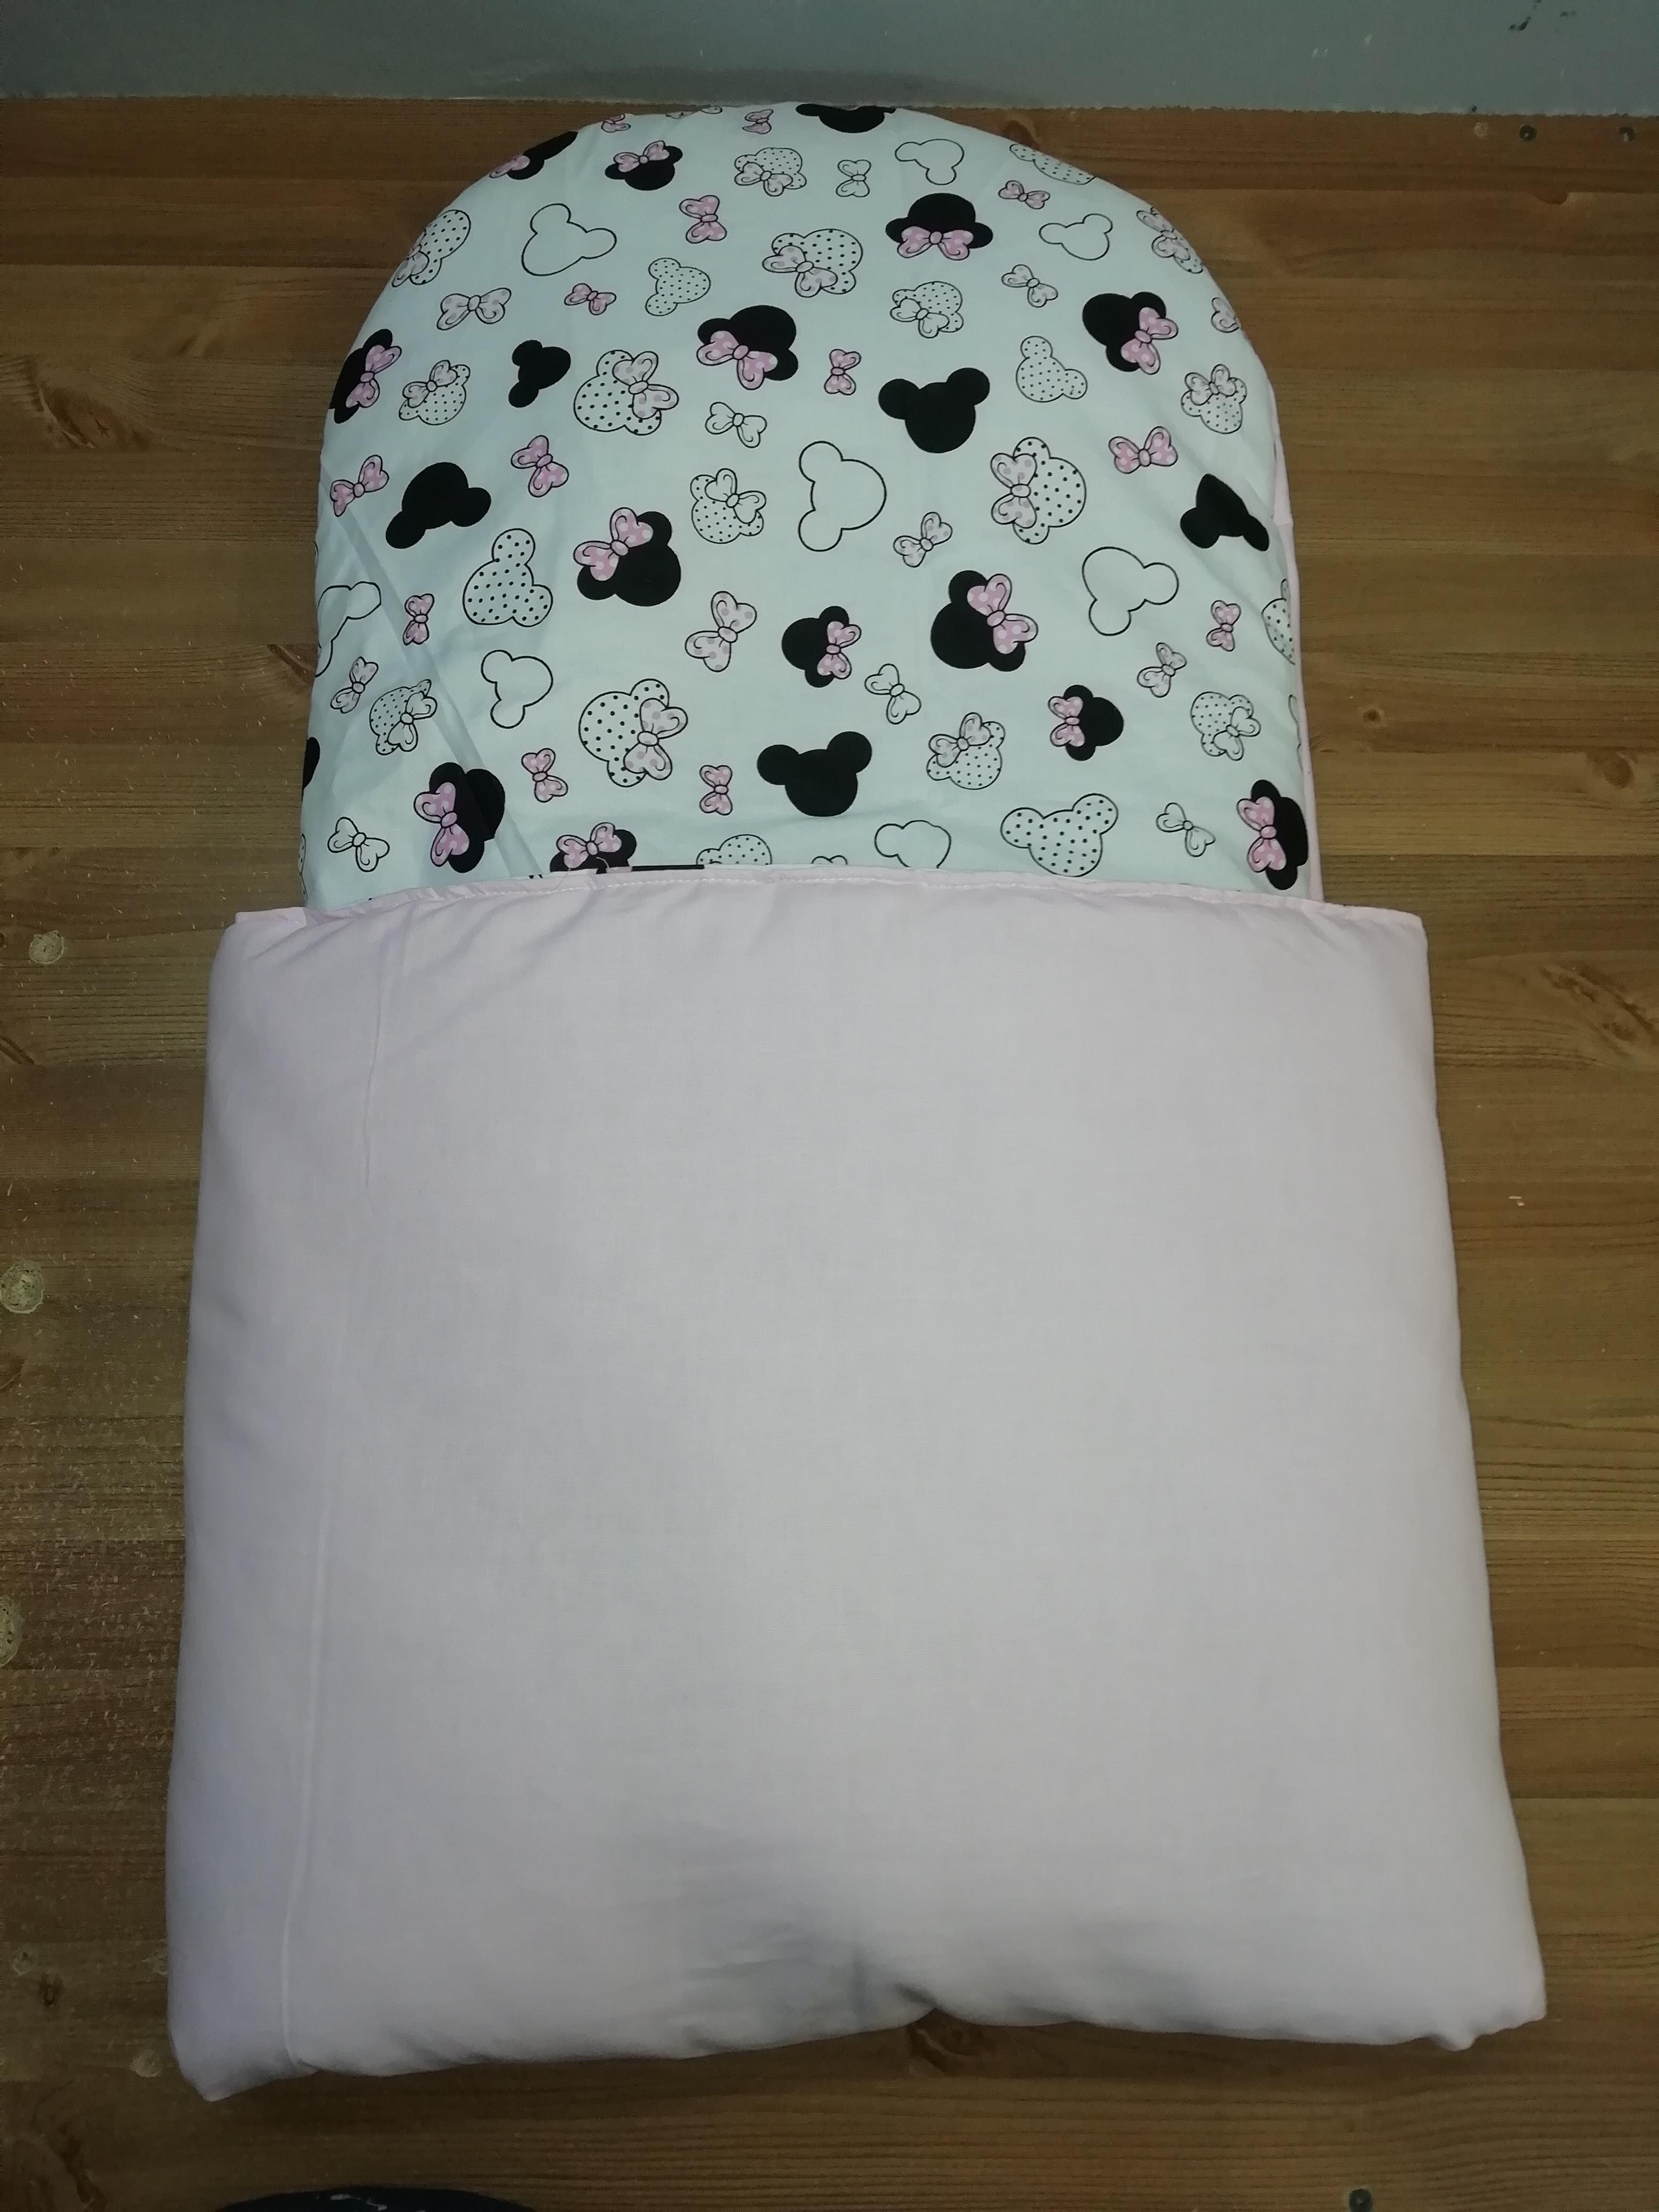 24. Újszülött kortól 74-es méretig használható, 4 cm puha töltettel , két oldalán végig tépőzárral rögzithető a zsák aljához igy nem érintkezik a babával Rendkivül praktikus a téli időszakban , babakocsiba akár lábzsákként is használható. 4000 ft-tól